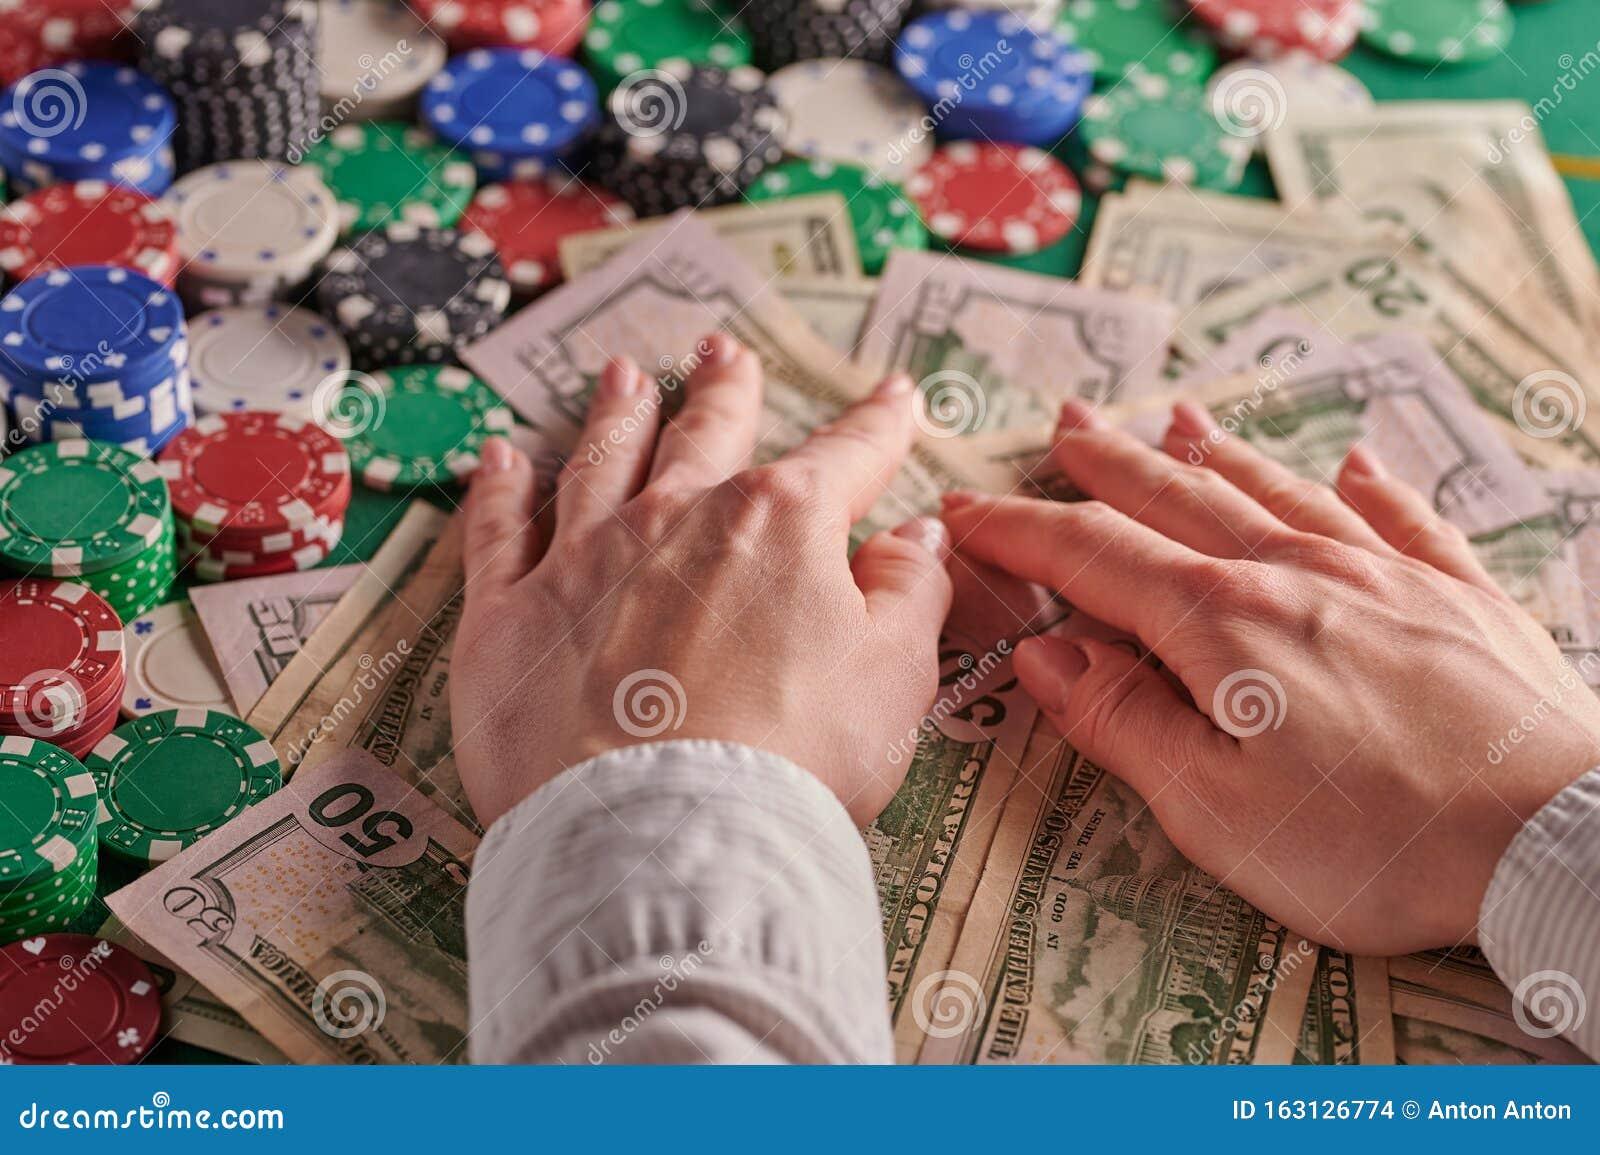 Покер казино на деньги игры онлайн казино бесплатно на 2